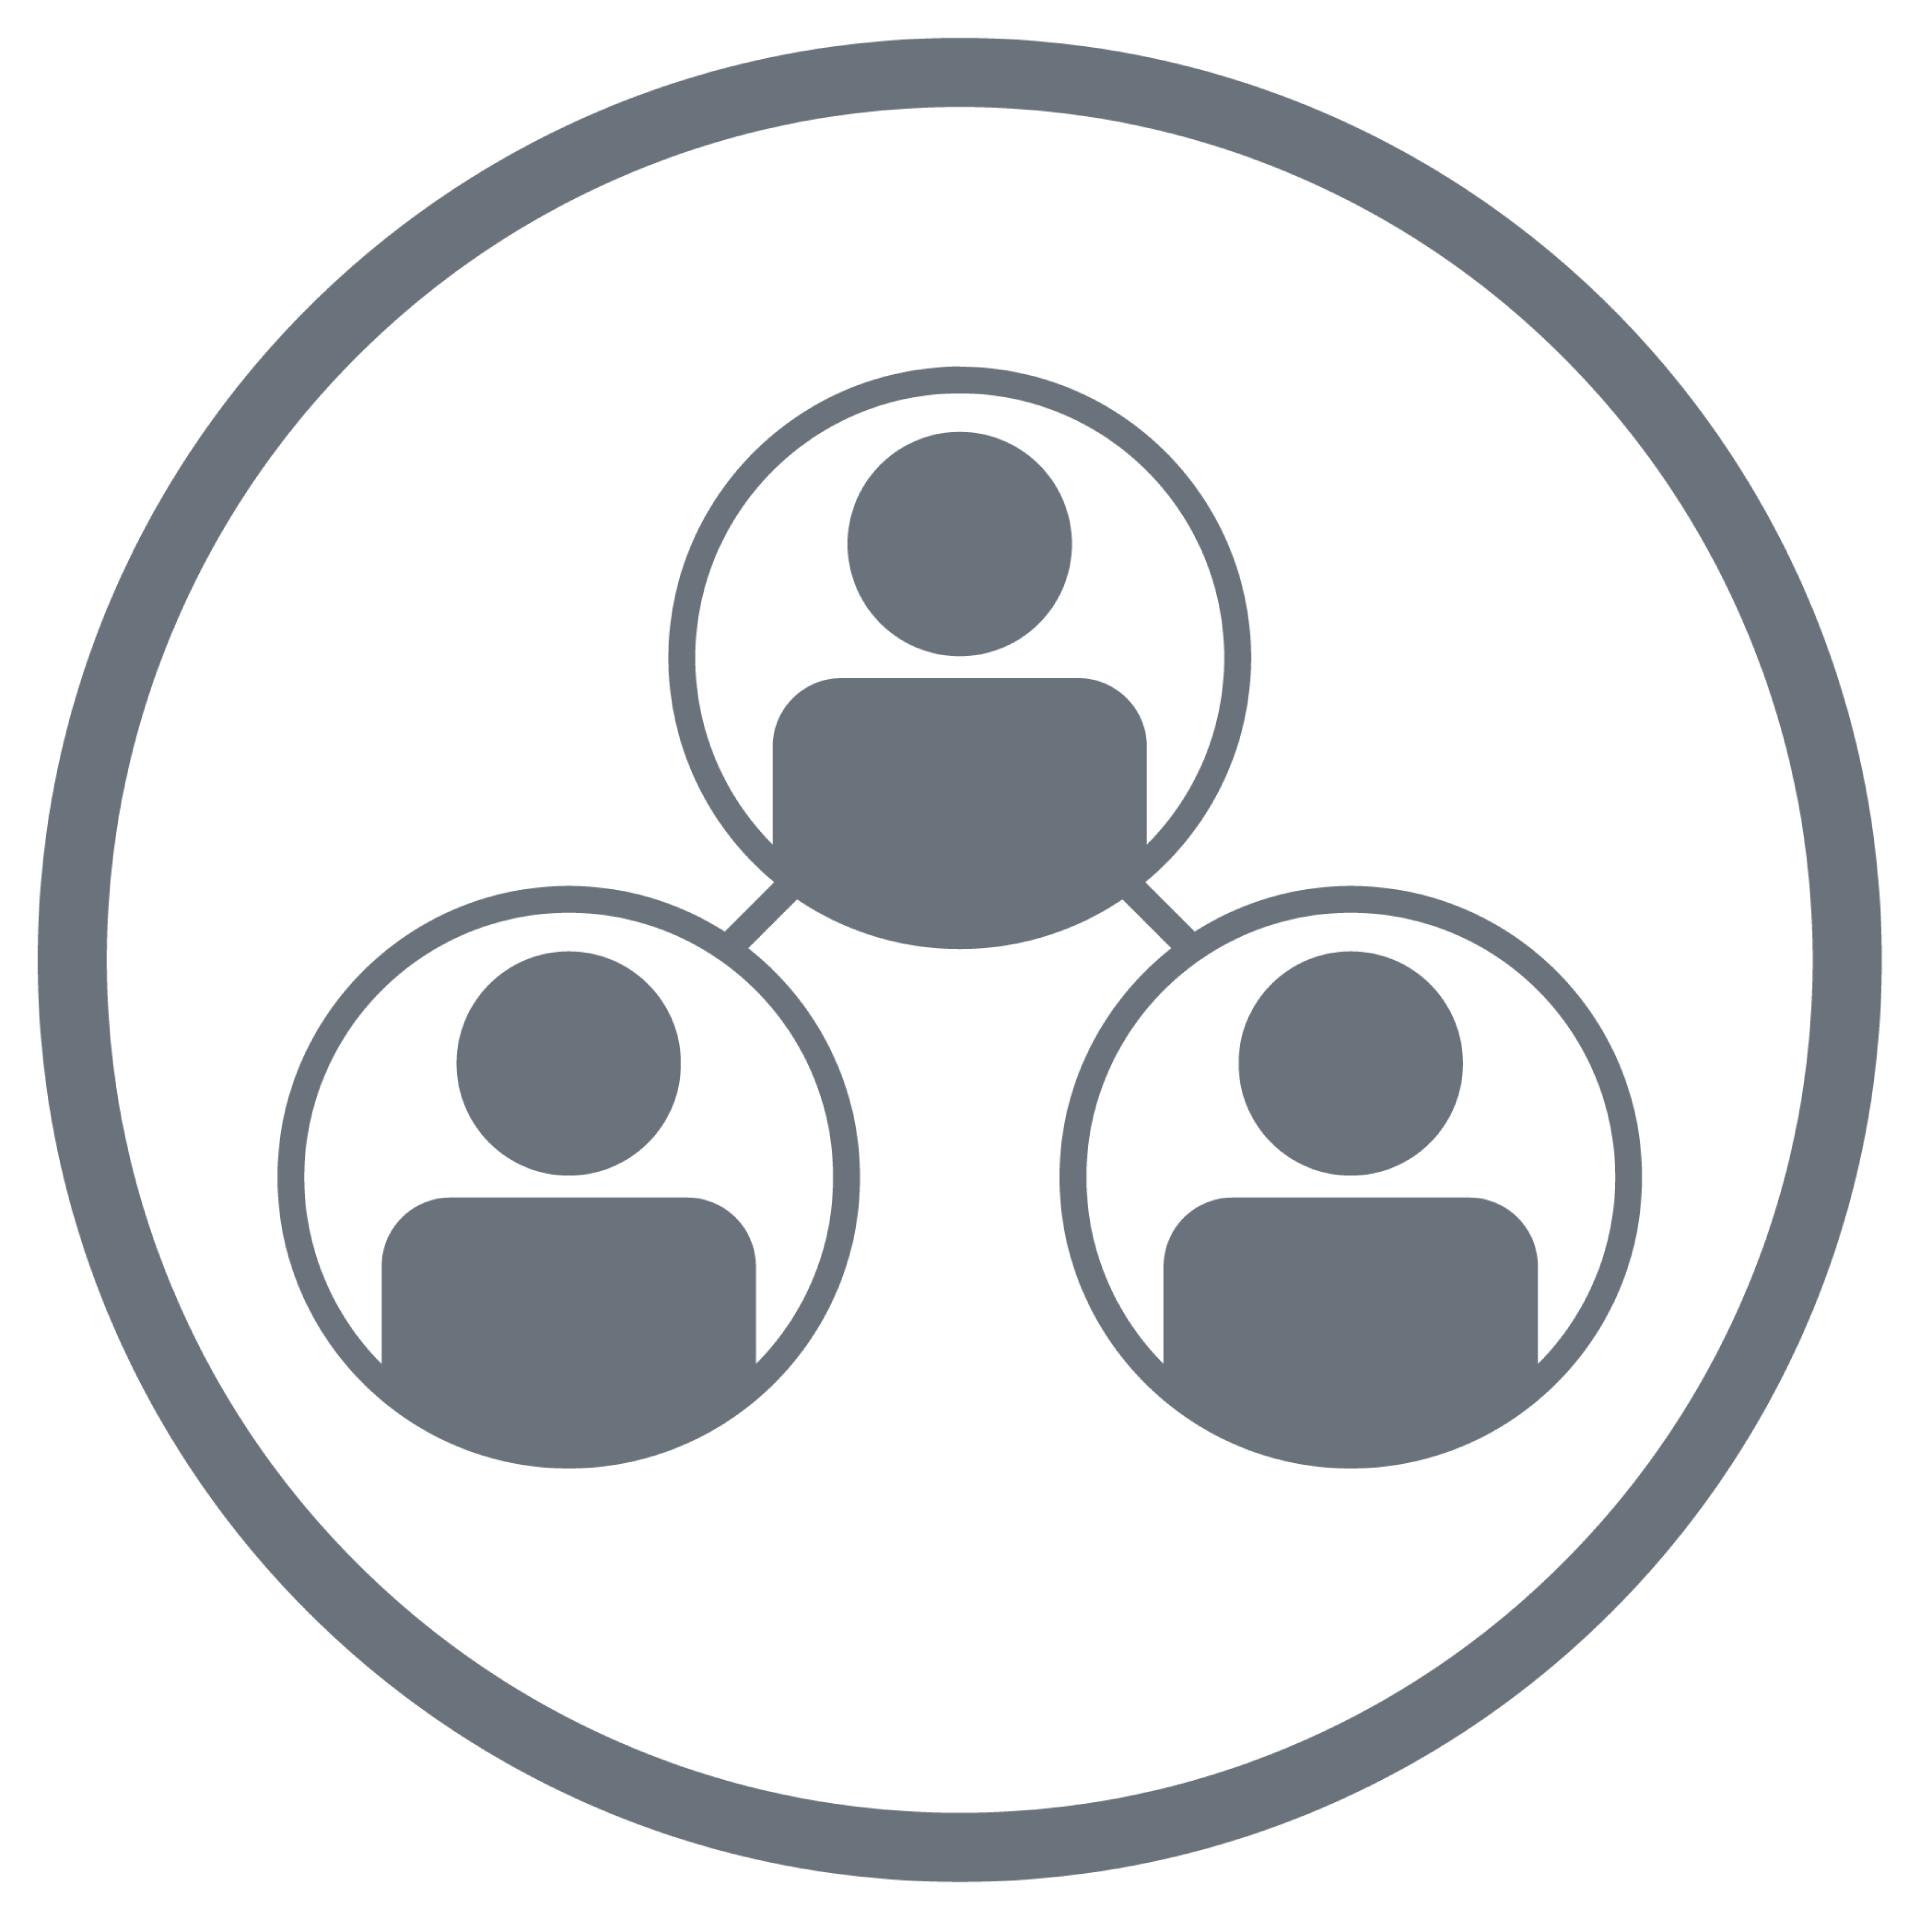 AmbulatoryIcon_Health network enablement_grey_people